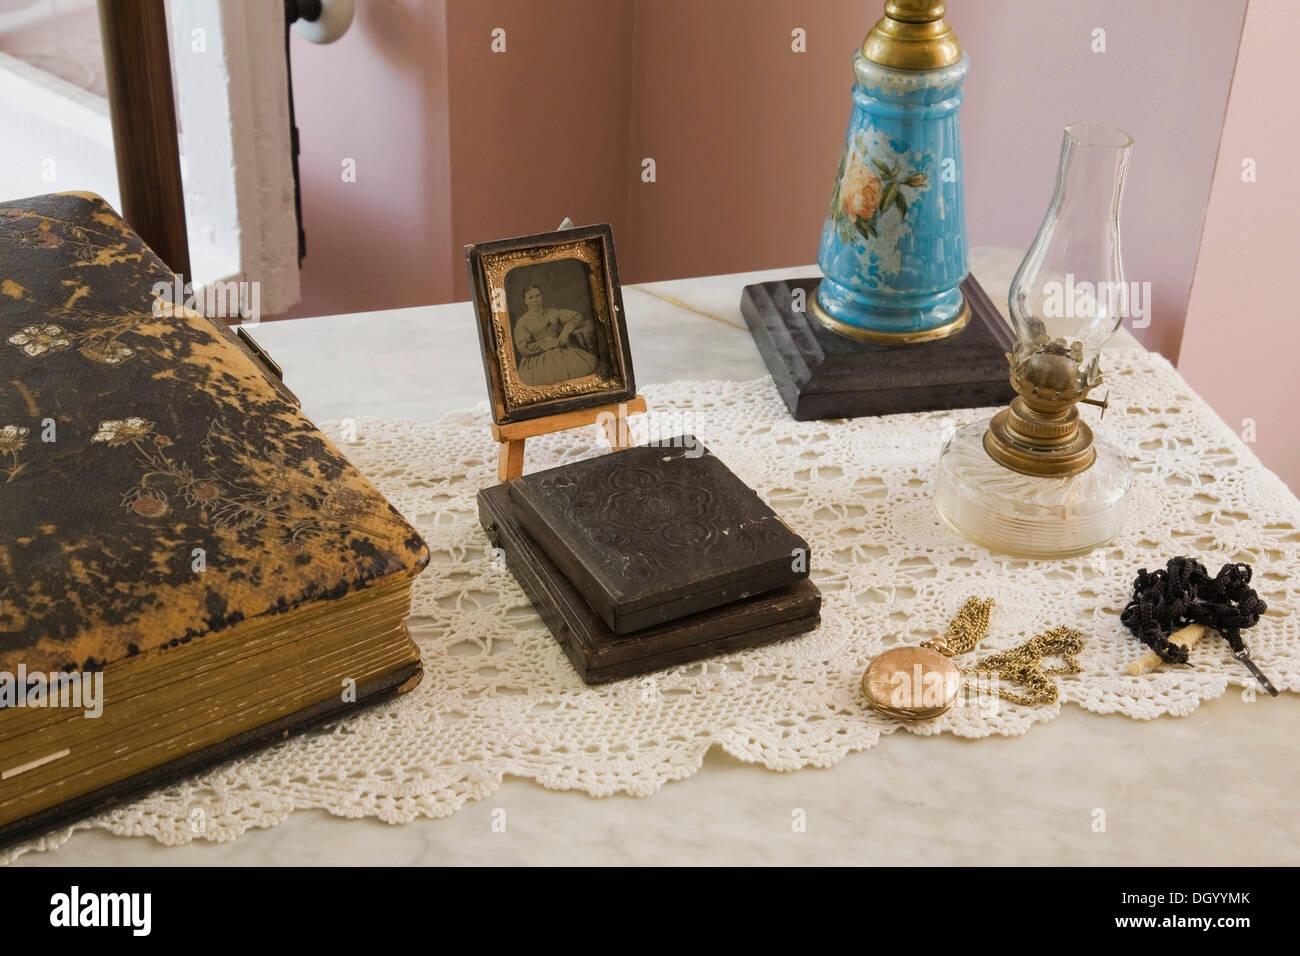 Coleccionables de antigüedades, Quebec, Canadá - Esta imagen es propiedad publicado en libro, calendario, revista, Foto de stock